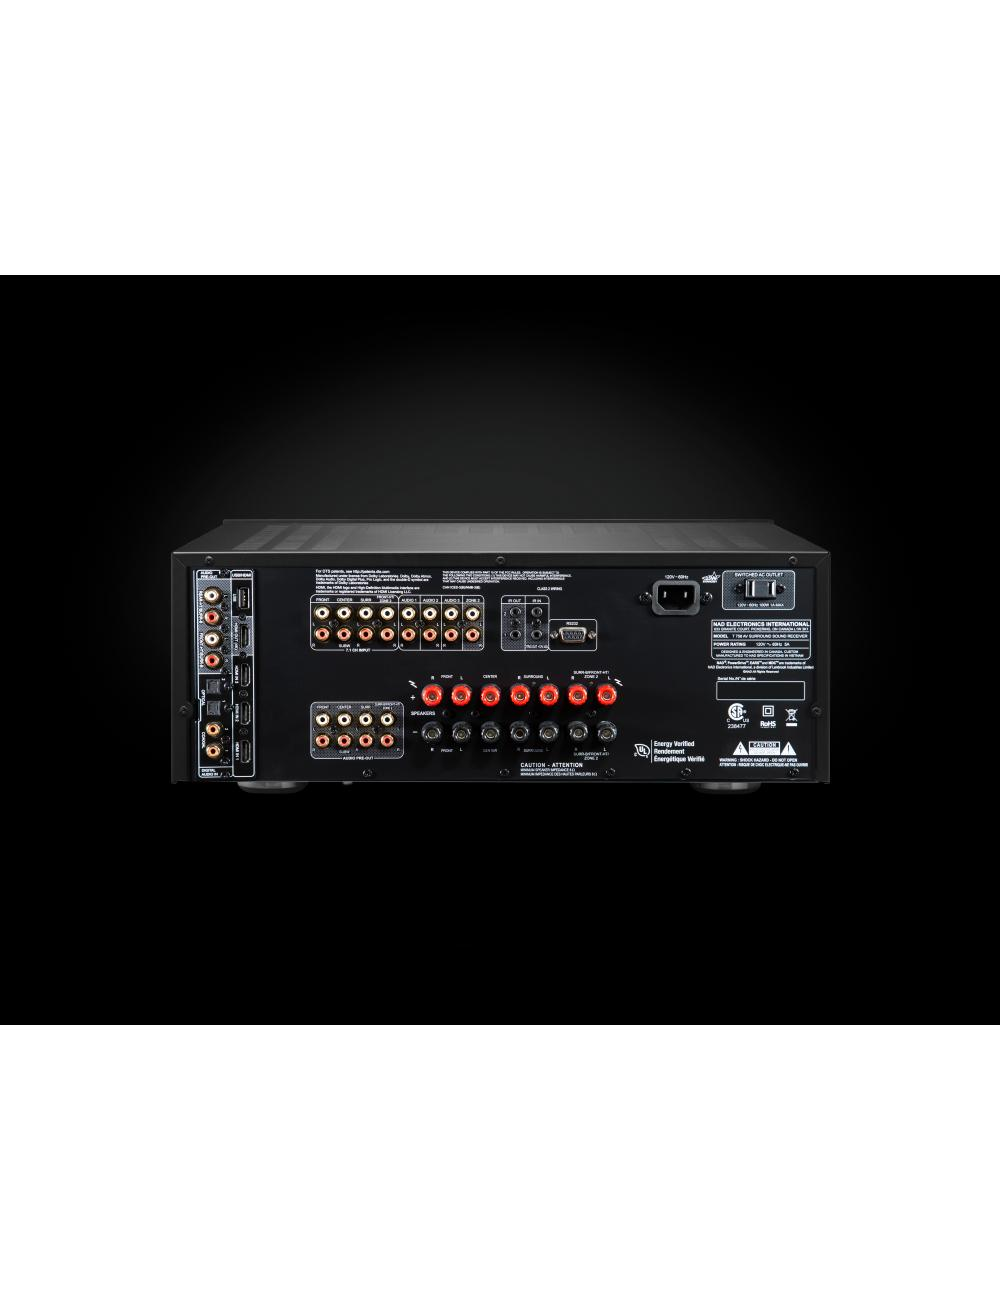 sintoamplificatore audio video multicanale, NAD T 758 v3, vista pannello connessioni